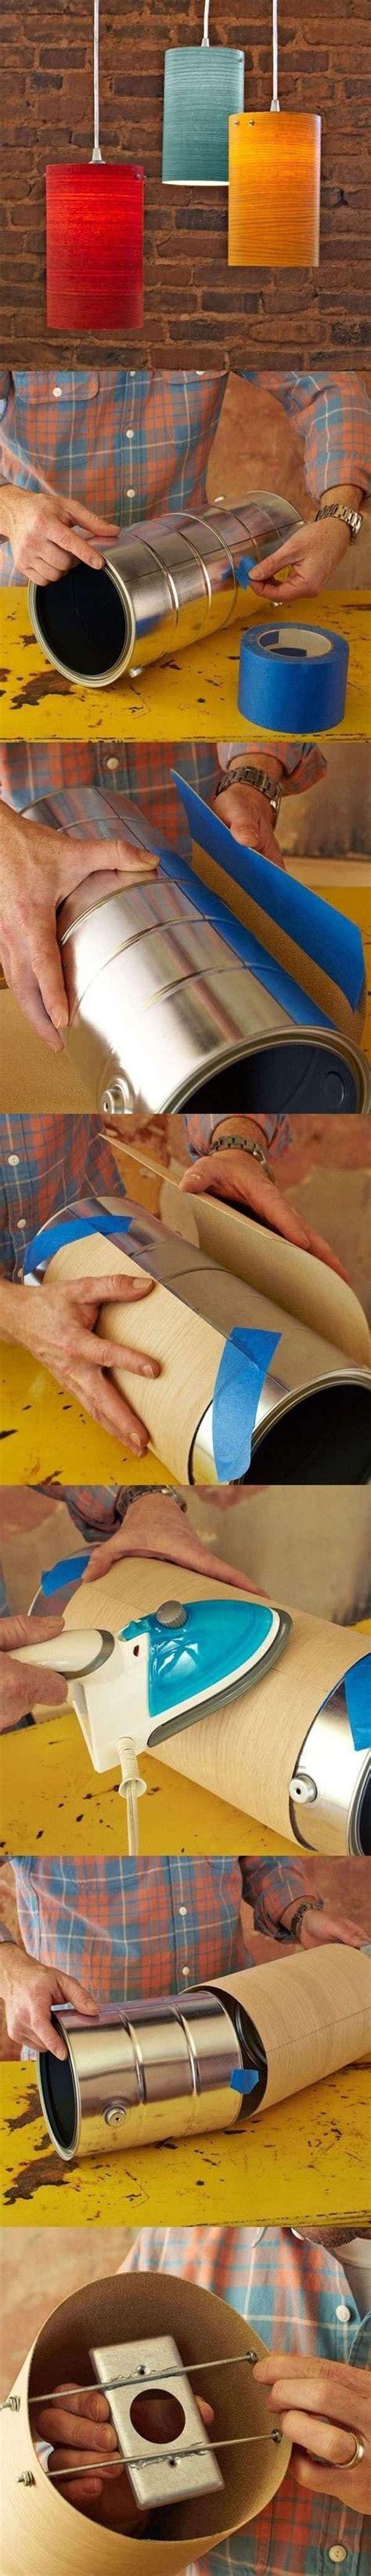 Möbelrestauration Selber Machen by Die Besten 25 Altholz Furnier Ideen Auf